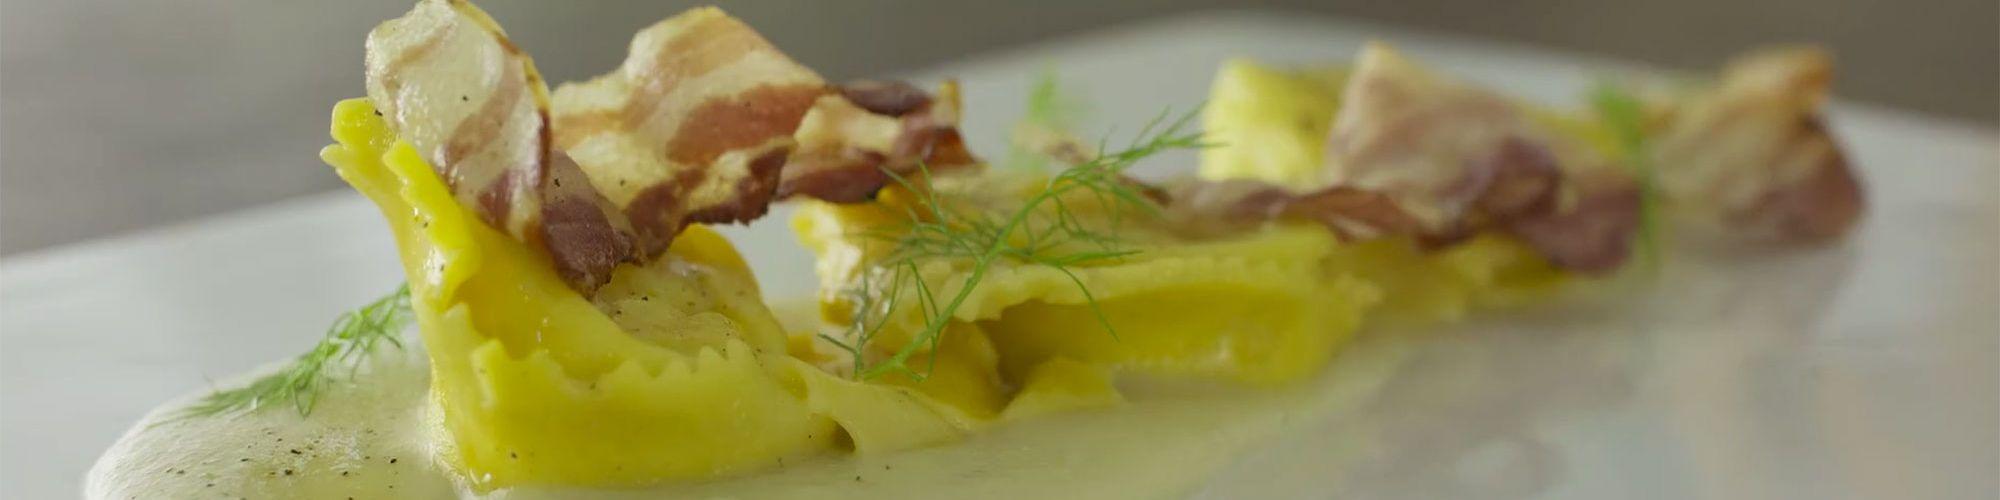 ricetta Tortelli alla formagella di Tremosine, vellutata al topinambur e bacon croccante con pasta fresca